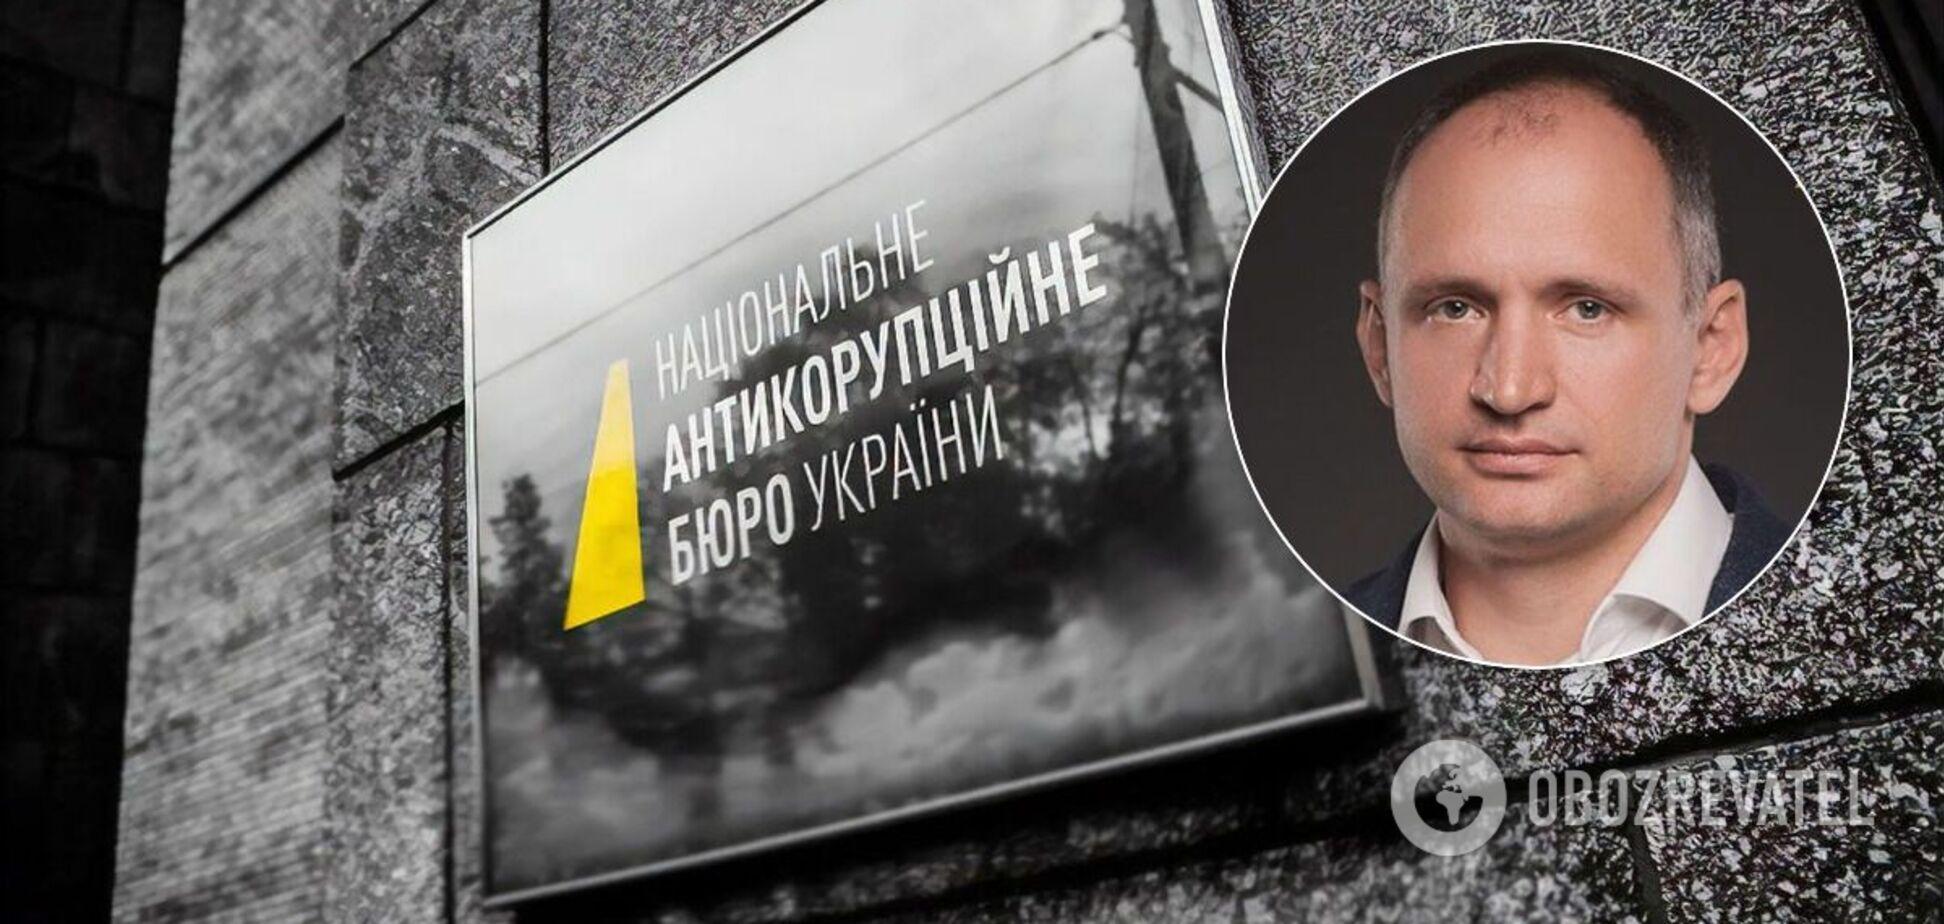 Ситник ініціював арешт заступника глави ОПУ: Татаров відповів